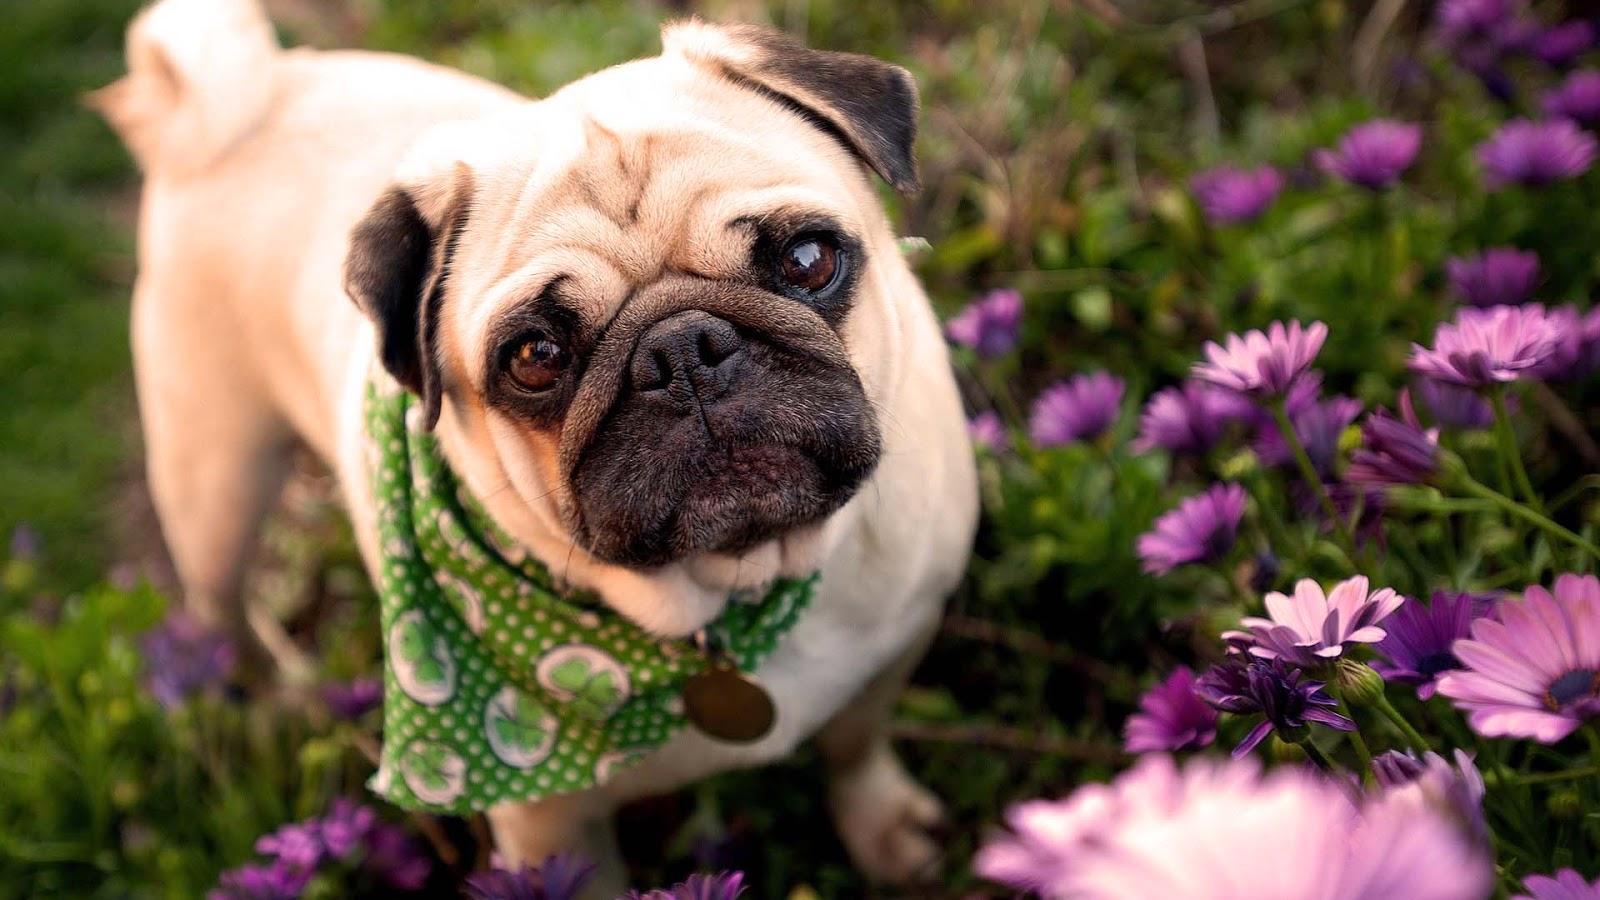 Cute Pug Puppies Wallpaper image HD Wallpaper 1600x900